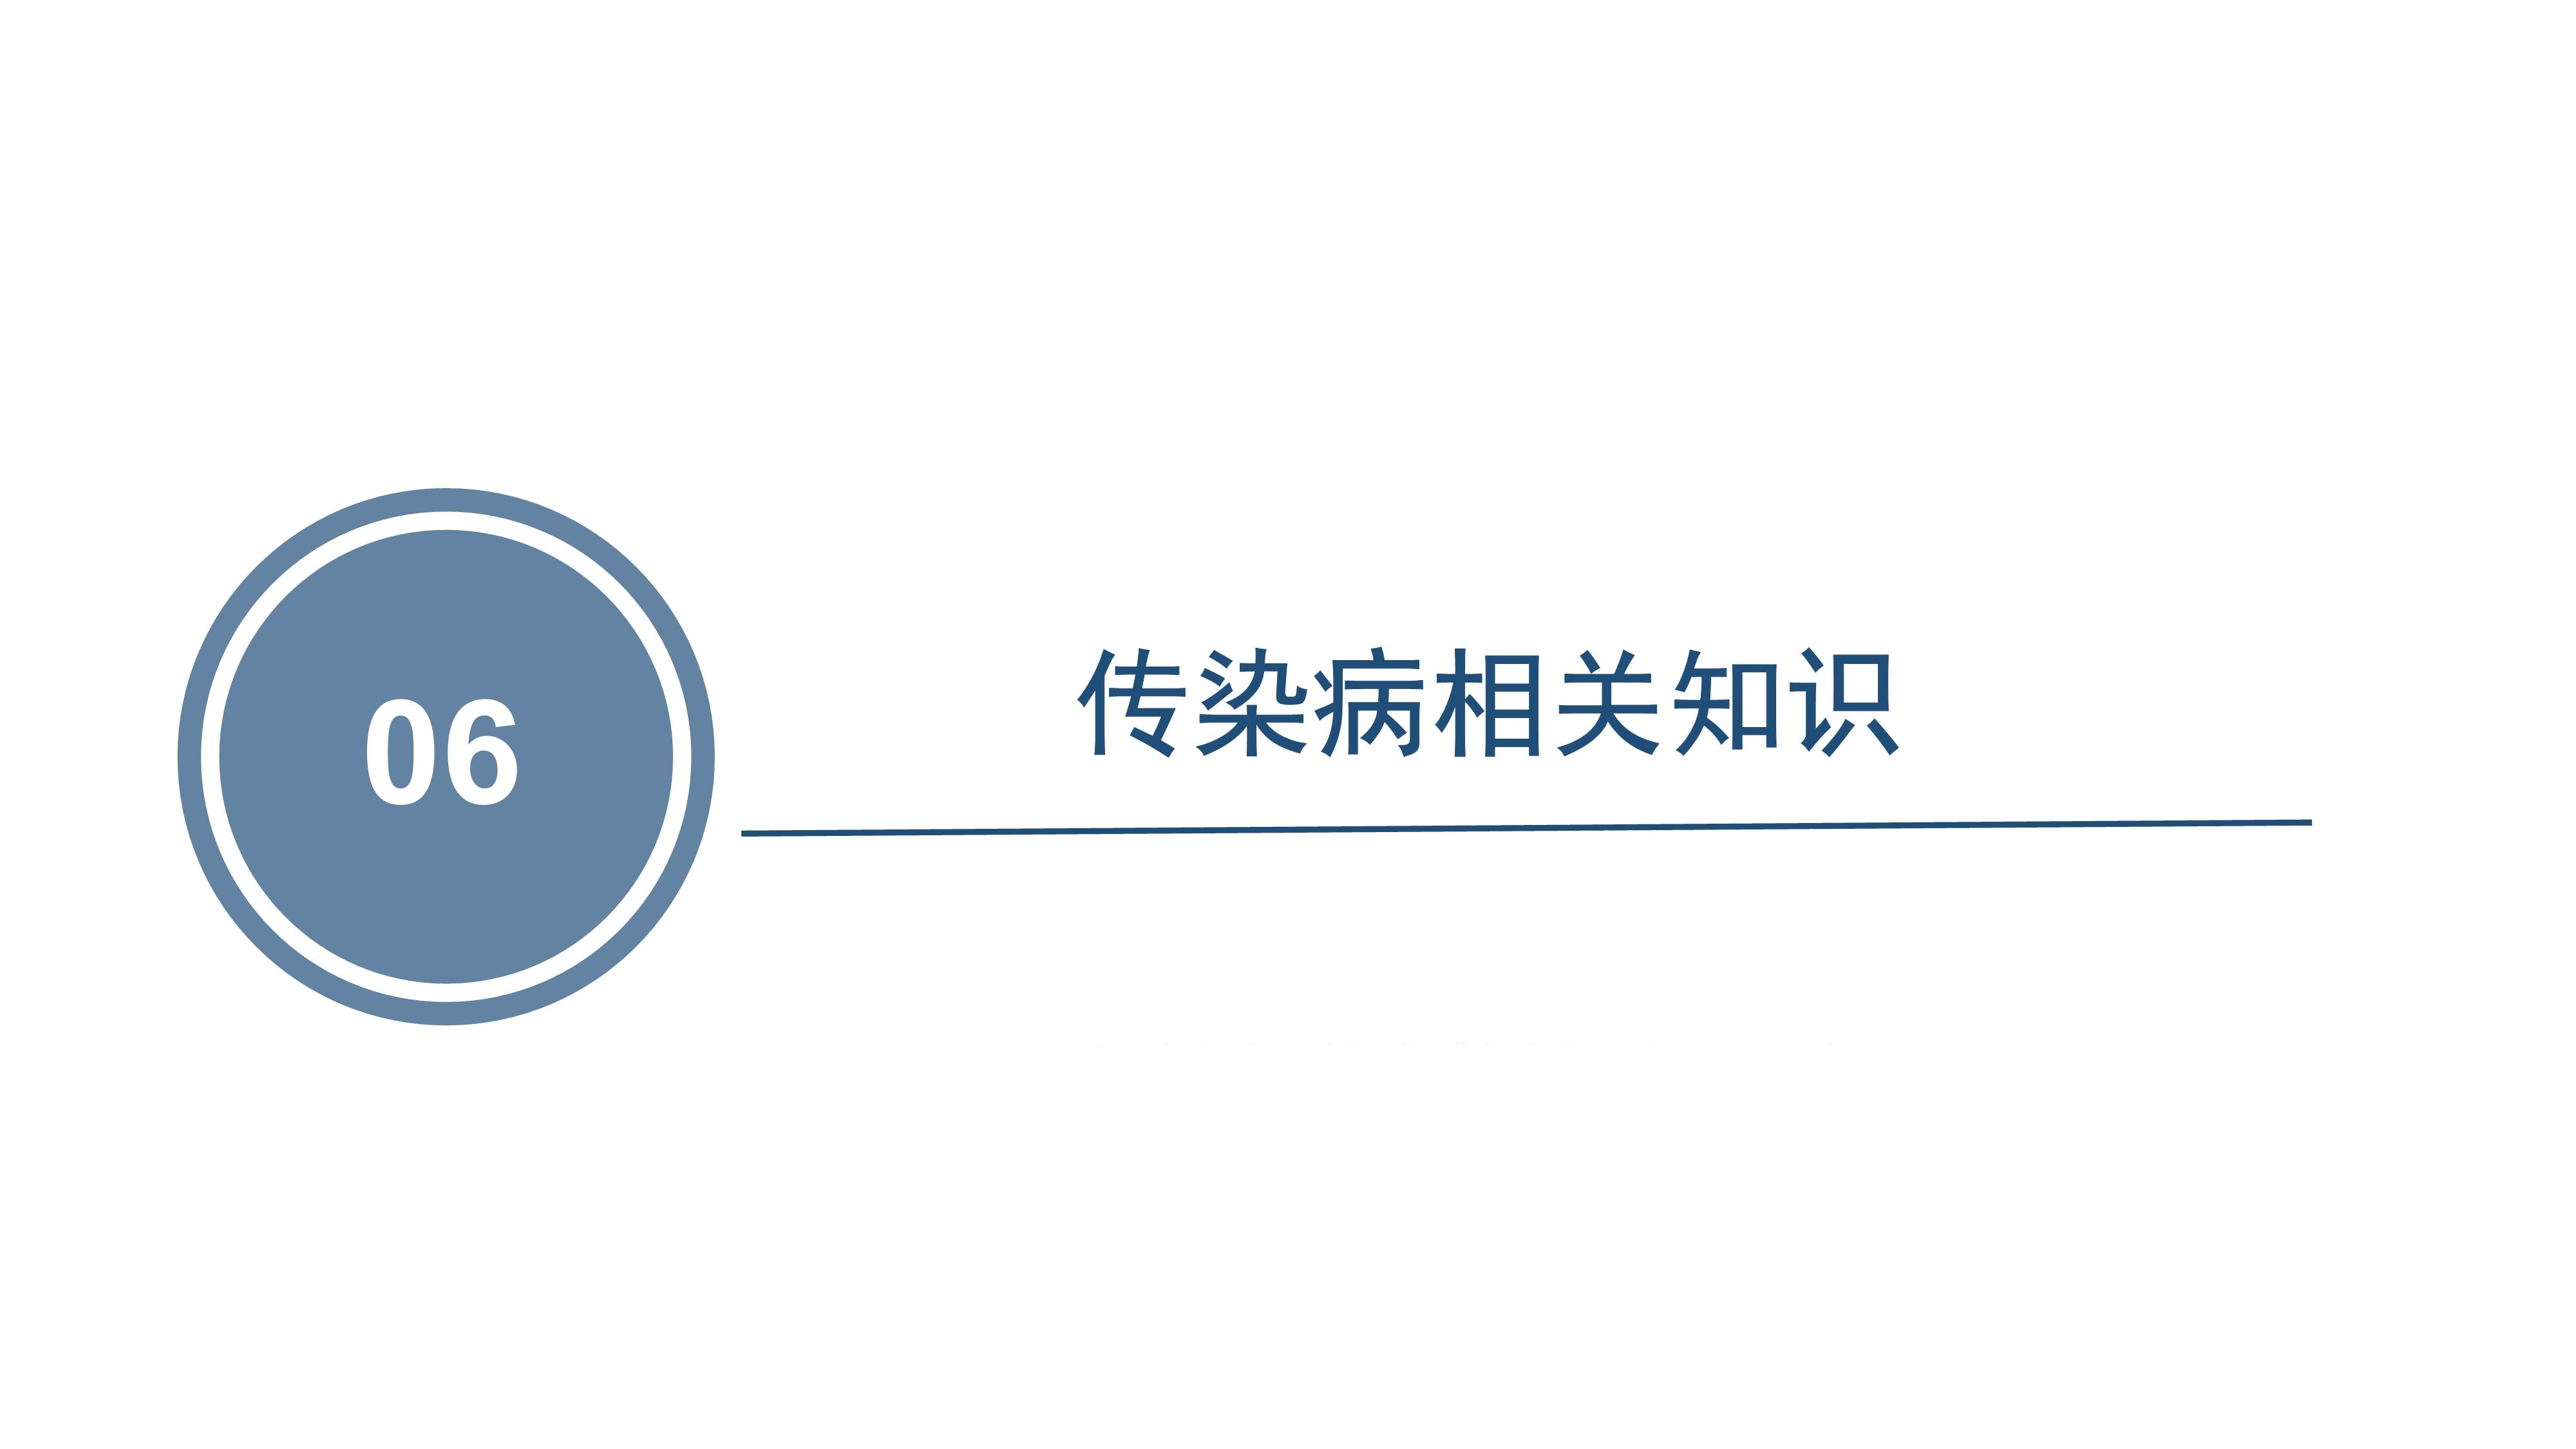 新型冠状病毒肺炎预防手册_81